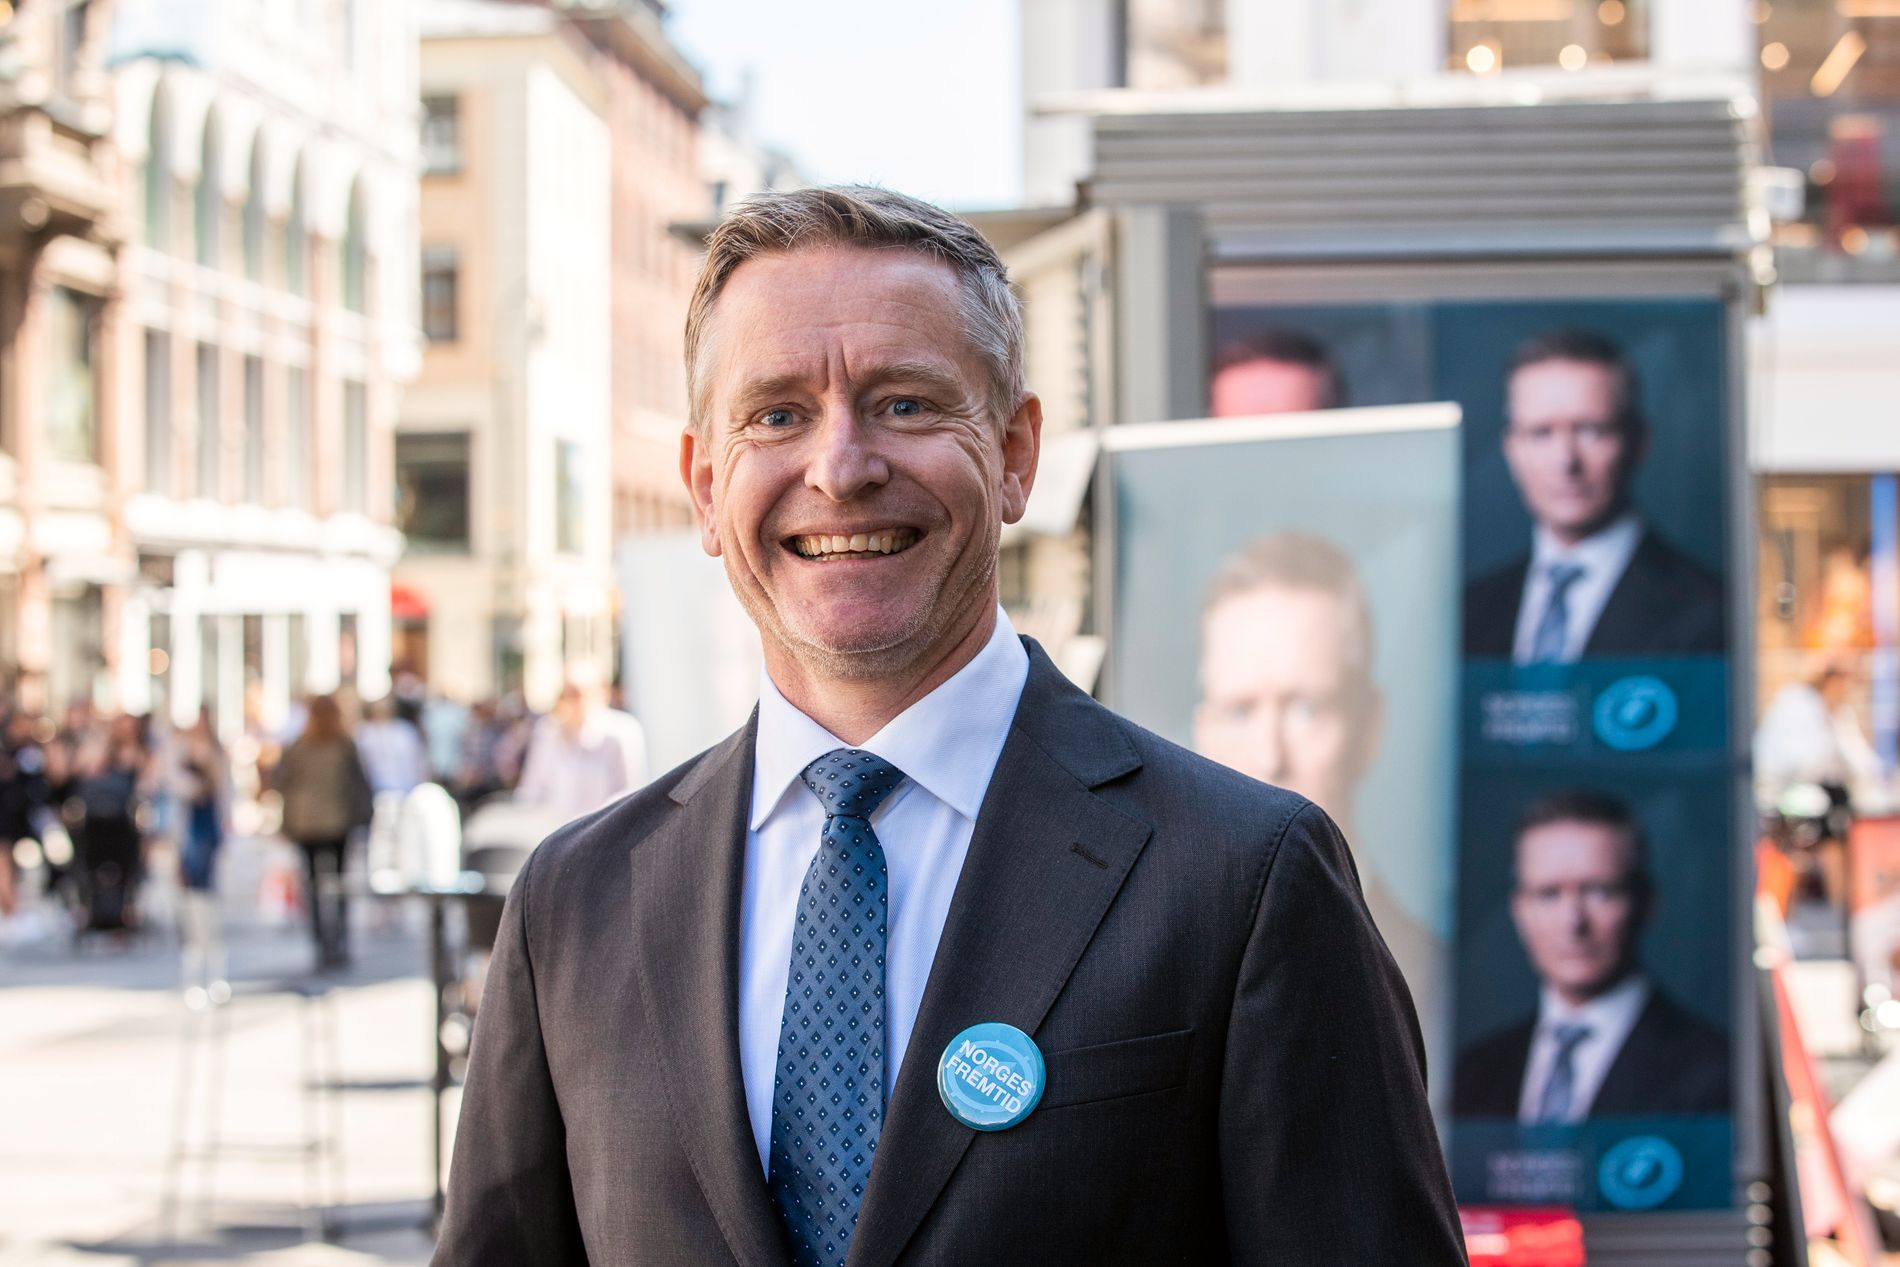 VILLE DU STEMT PÅ DENNE MANNEN: Henrik Mestad foran valgstanden «sin» på Egertorget mandag ettermiddag.